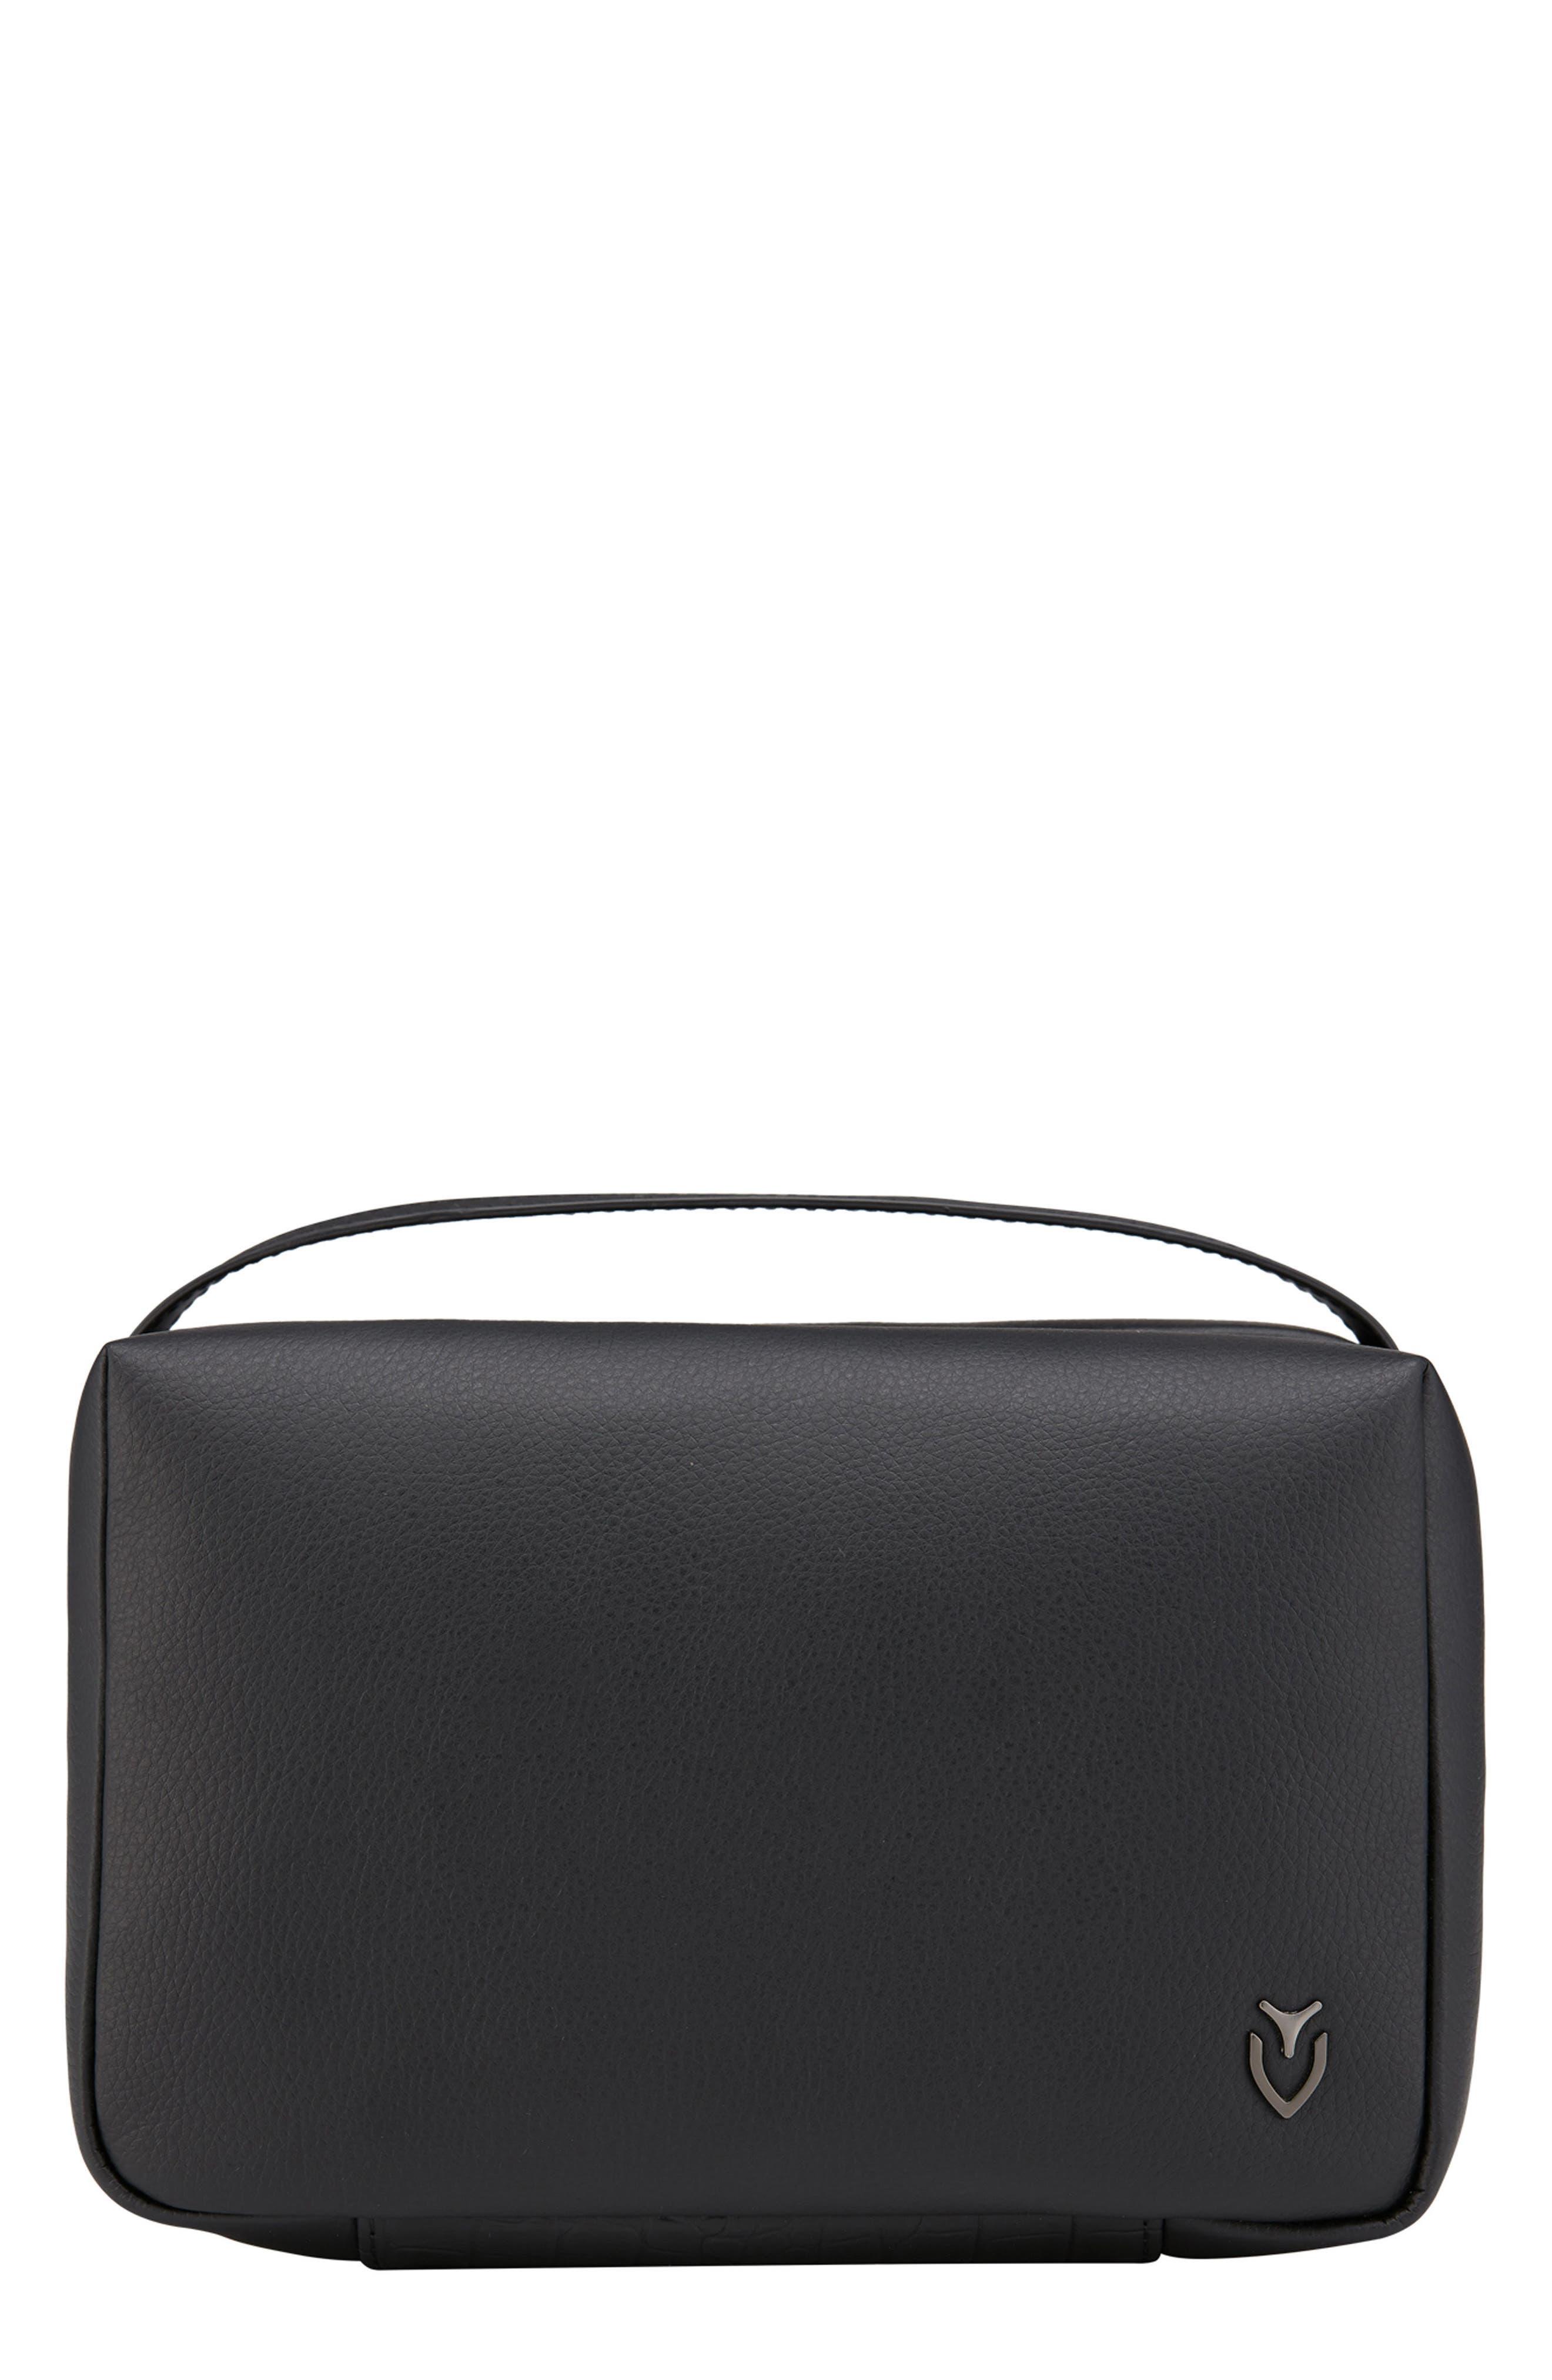 Signature 2.0 Faux Leather Toiletry Case,                             Main thumbnail 1, color,                             PEBBLED/ CROC BLACK